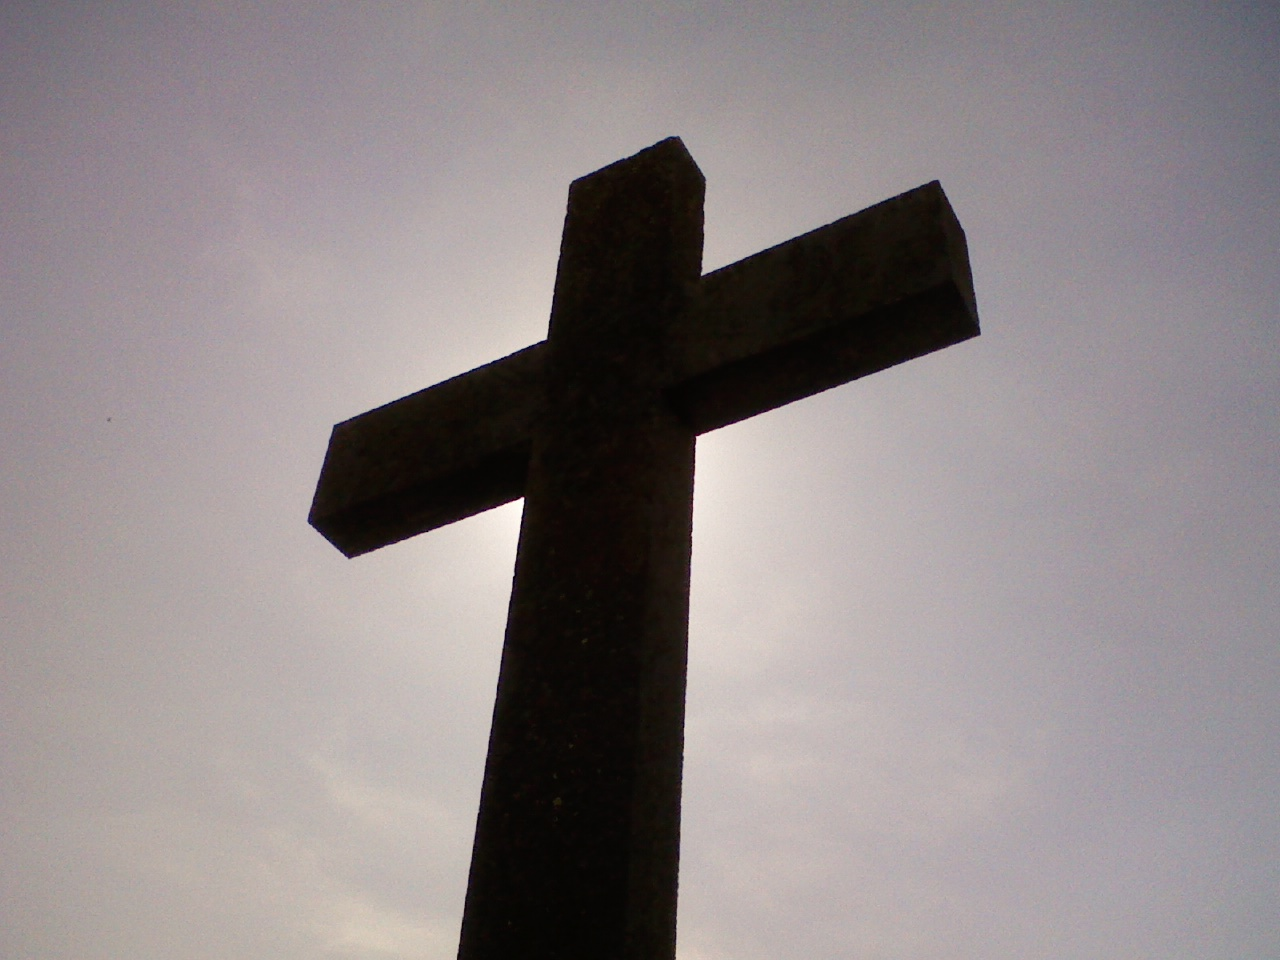 Christian Cross Wallpaper 1280x960